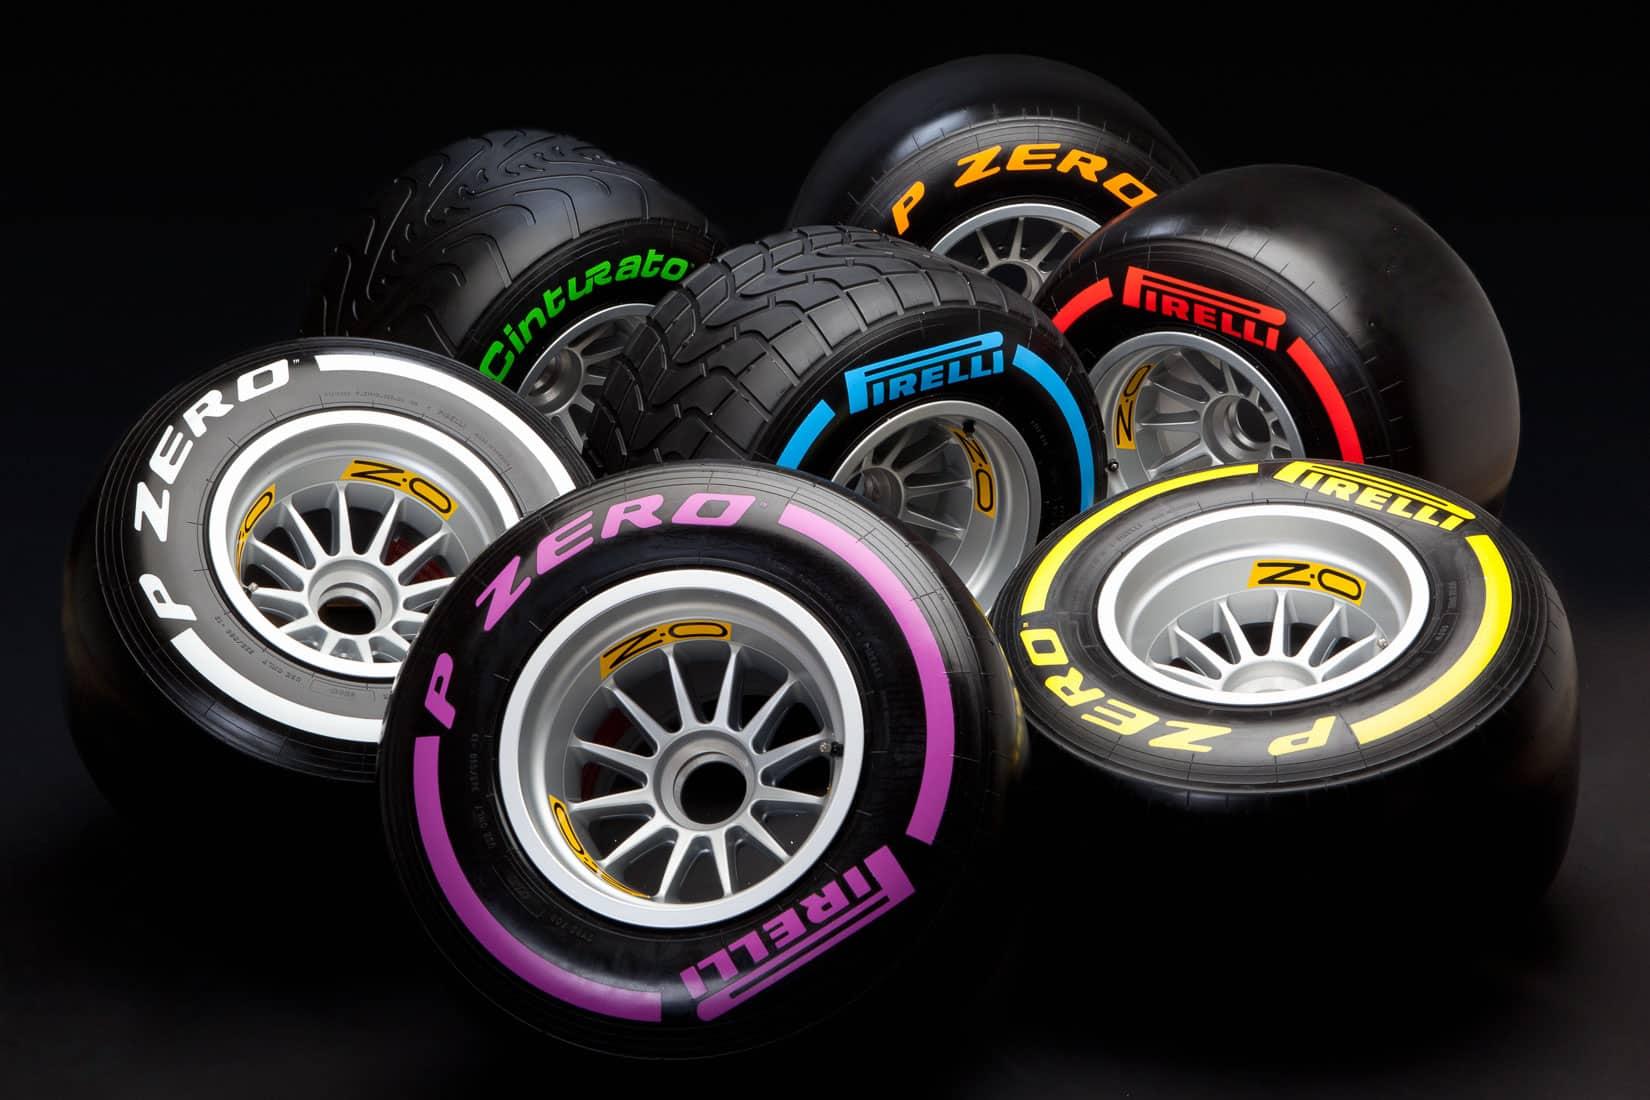 Excalibur Spider Pirelli